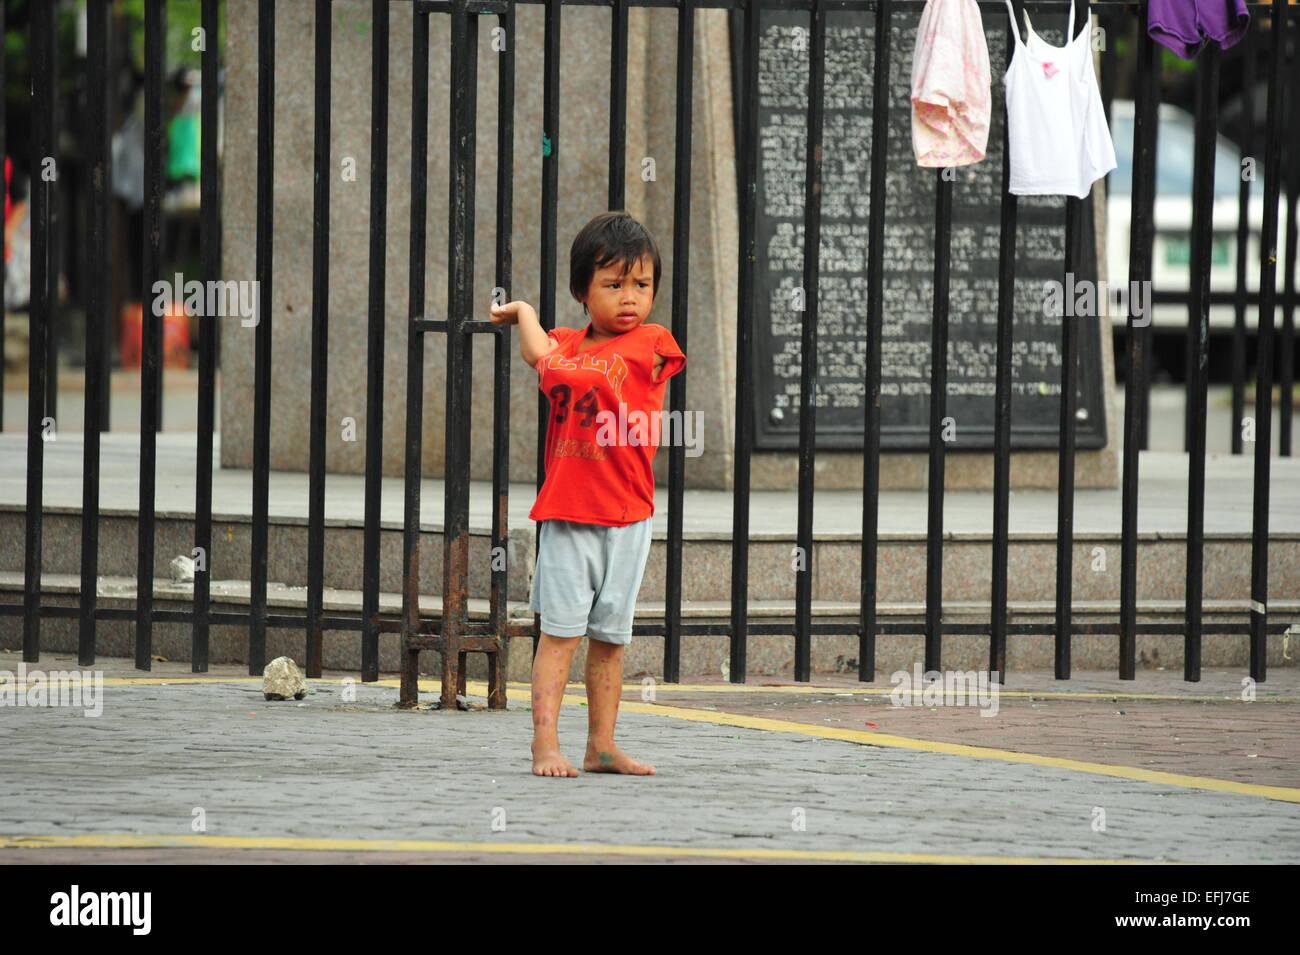 Straßenkind in Manila, Philippinen. - Stock Image